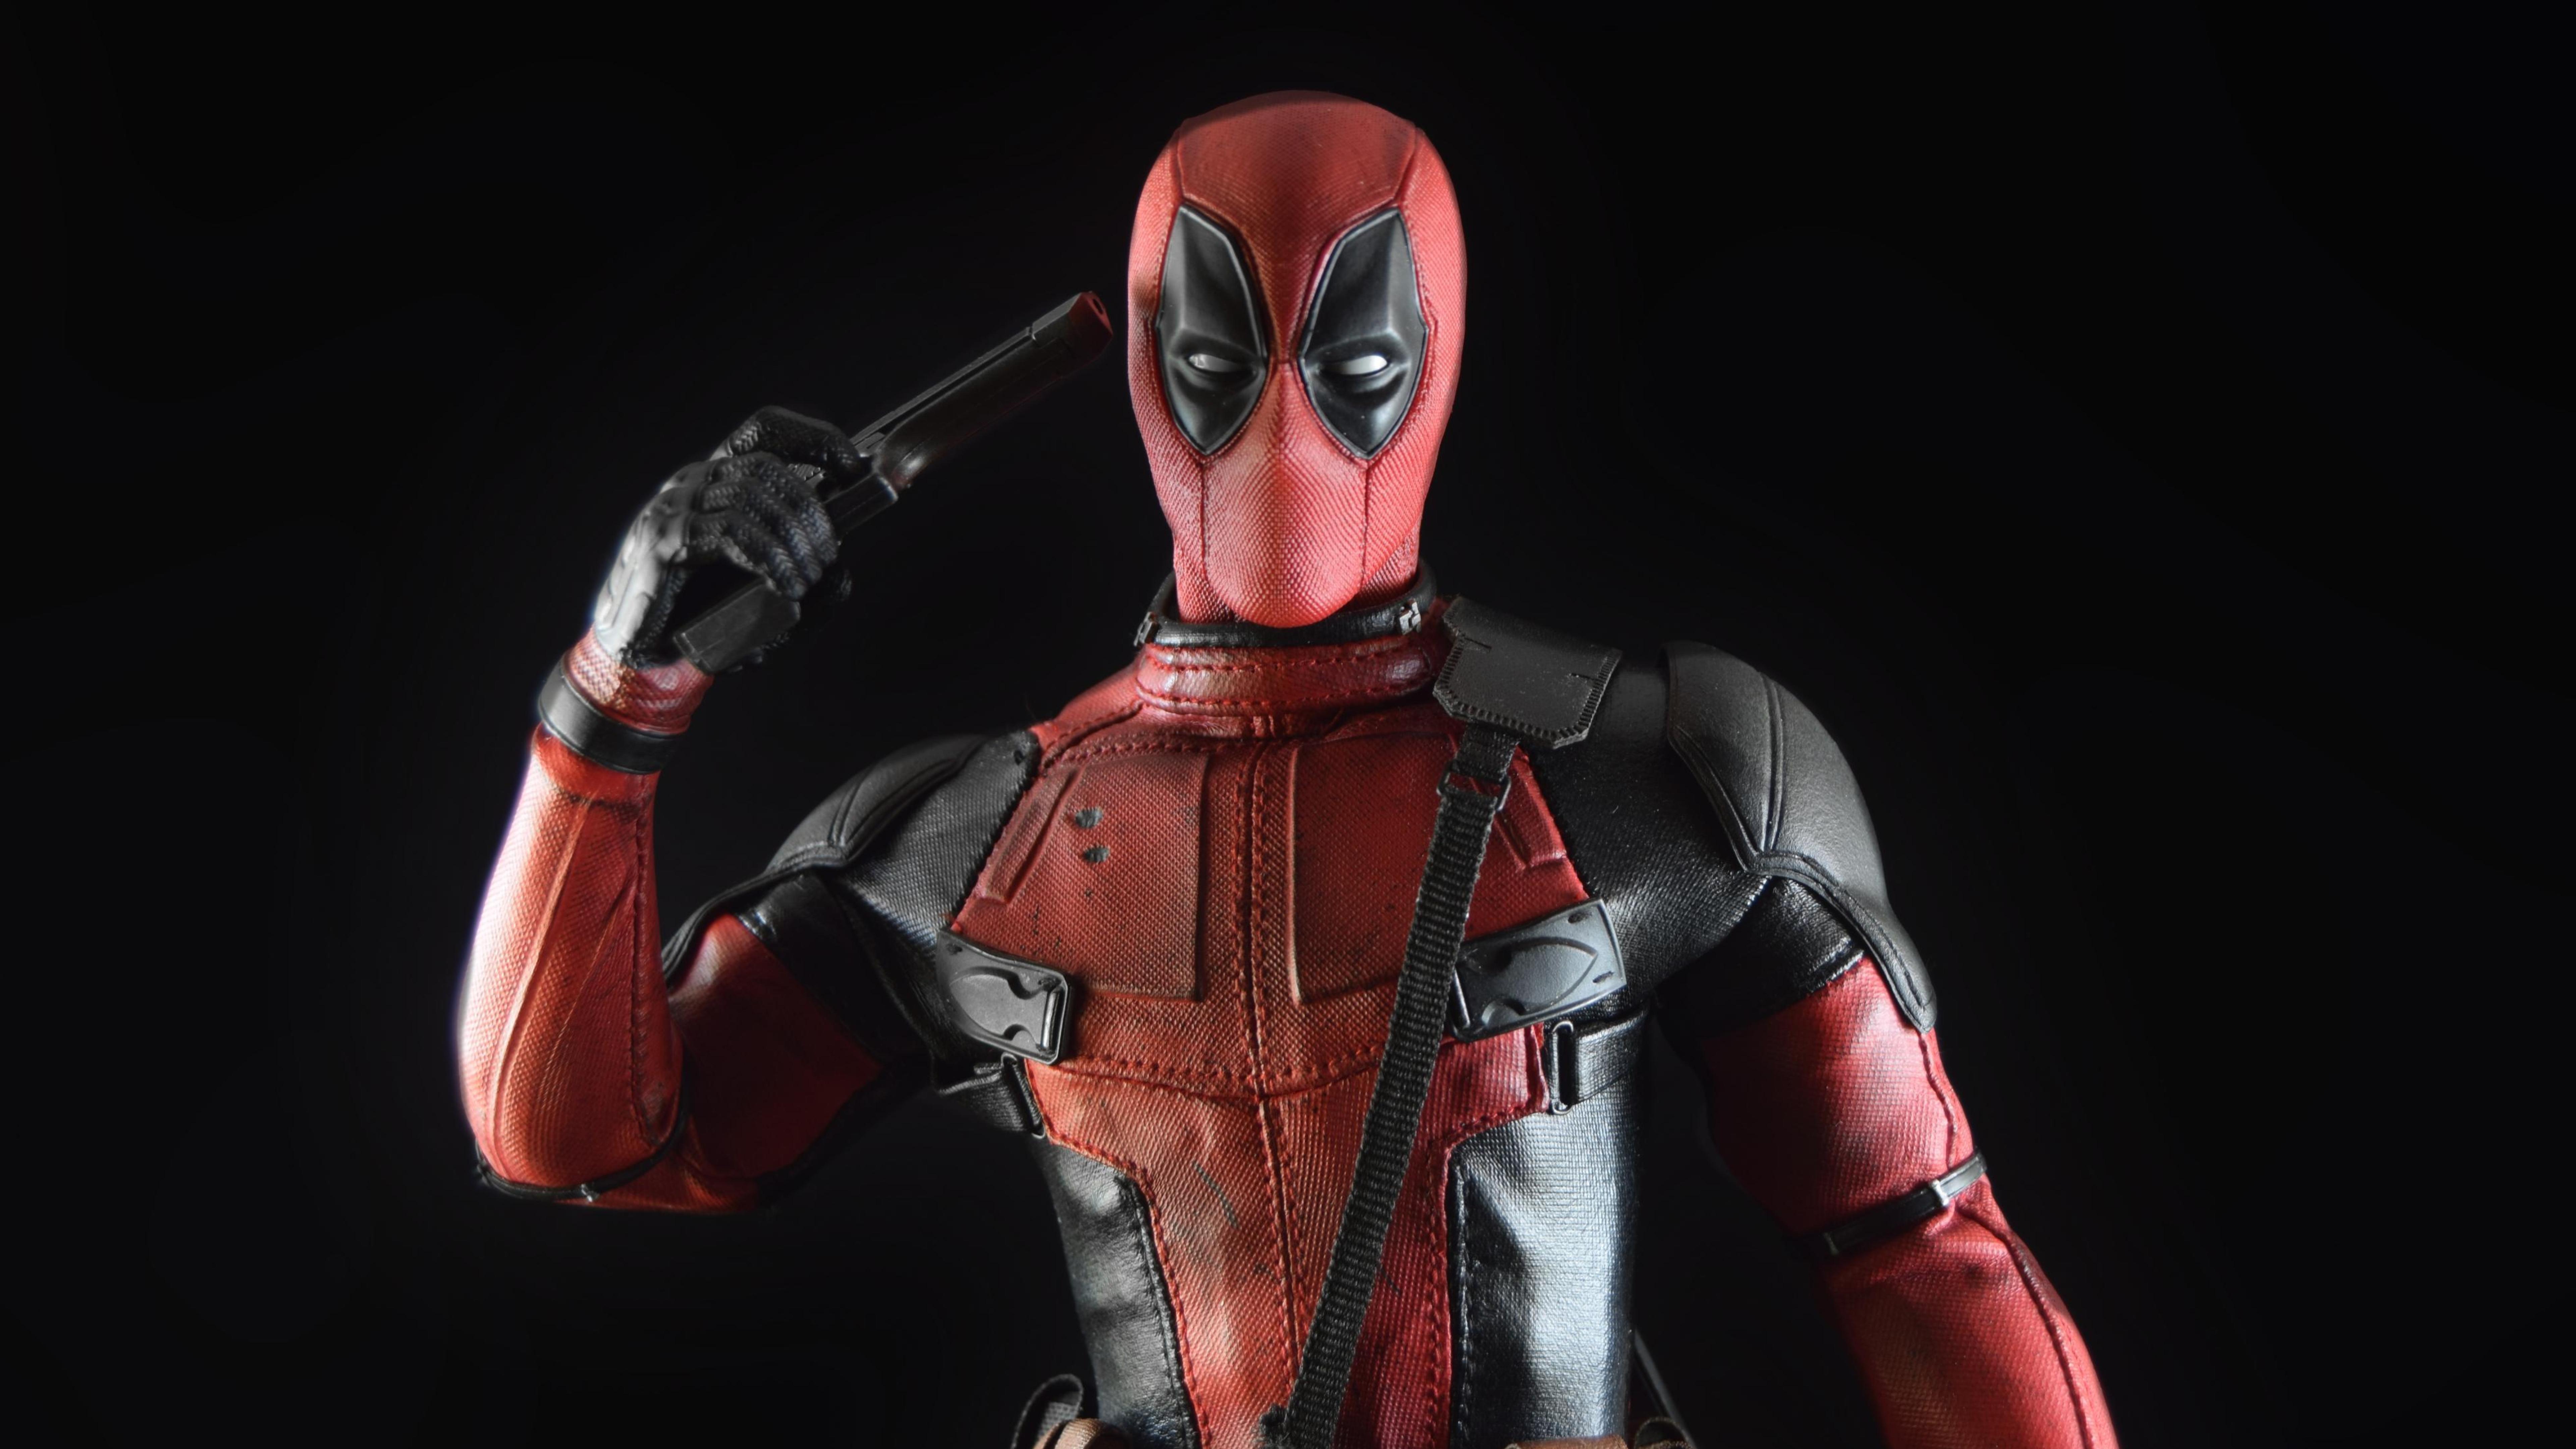 Ryan Reynolds As Deadpool, HD 4K Wallpaper